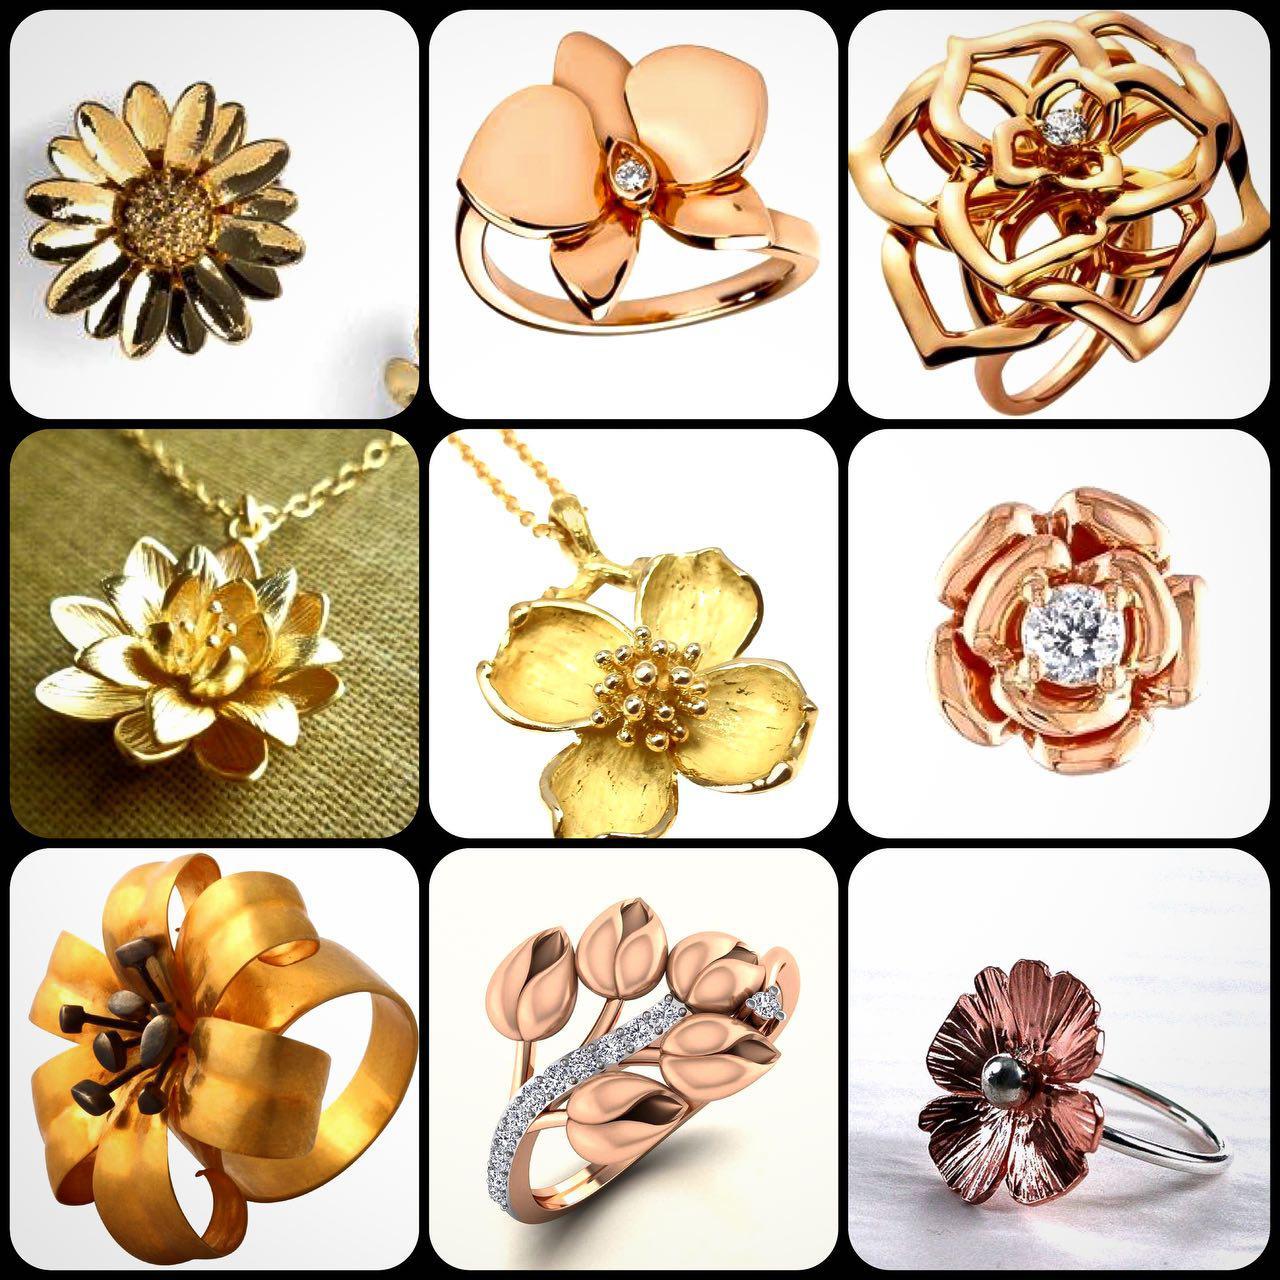 ایده هایی برای طراحی طلا و جواهرات